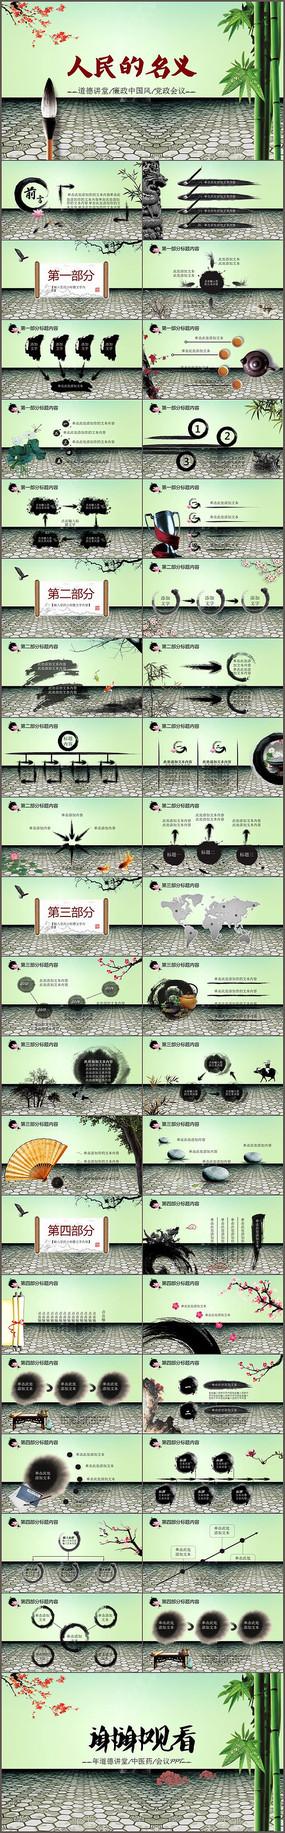 中国风人民的名义廉政PPT